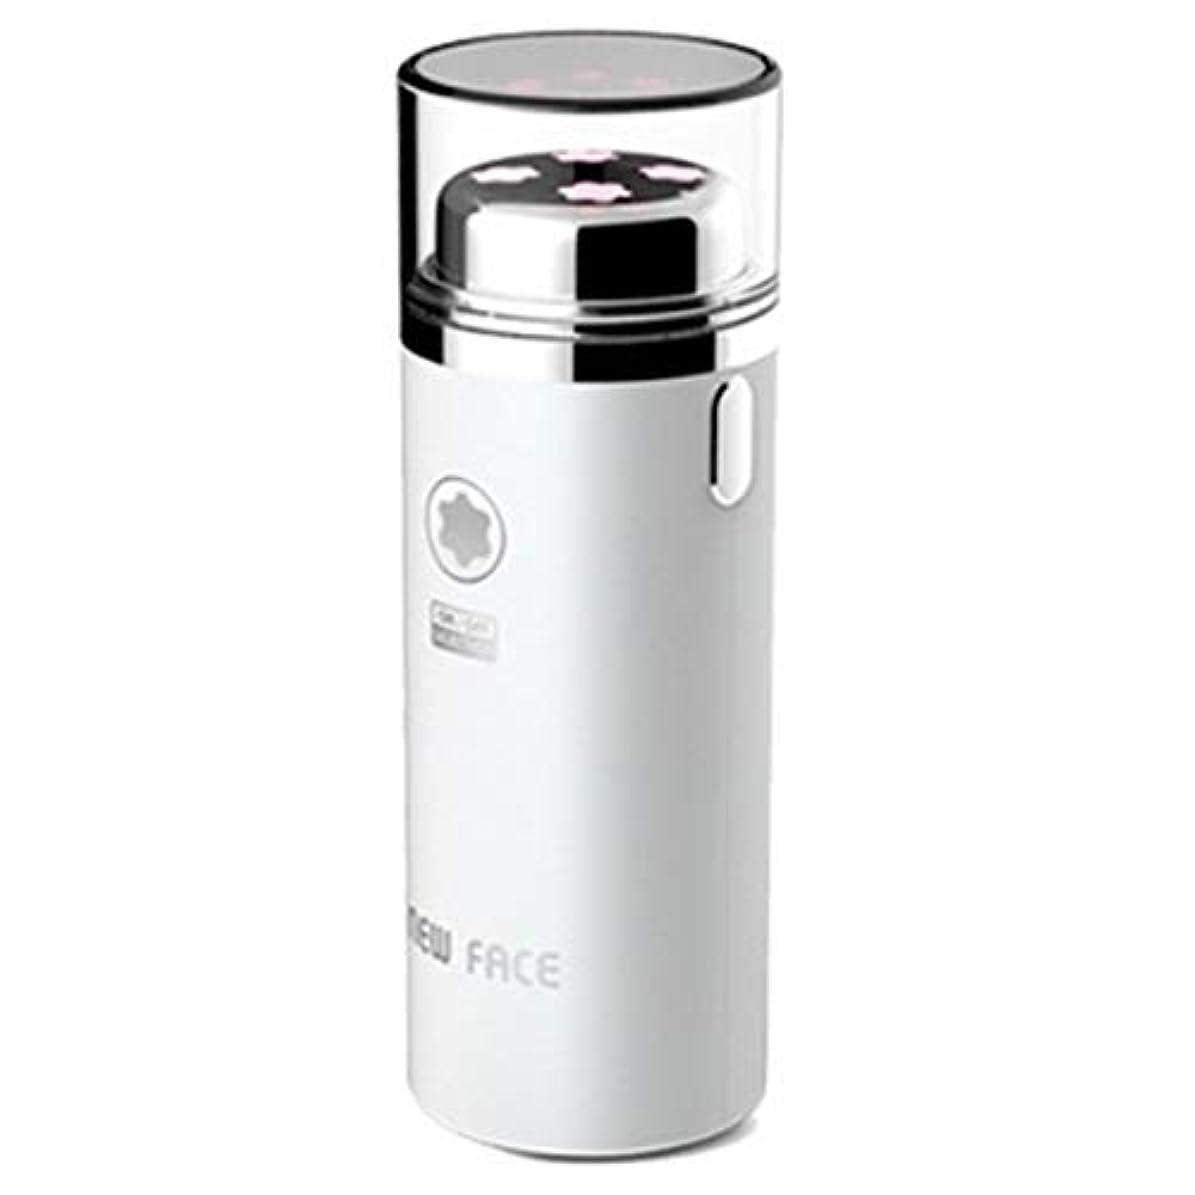 ハロウィン心臓自発的エラニューフェイスガルバニックマイクロ振動イオンスキンマッサージャーEFM-2500ホワイト Elra New Face Galvanic Micro Vibration Ion Skin Massager EFM-2500 White [並行輸入品]